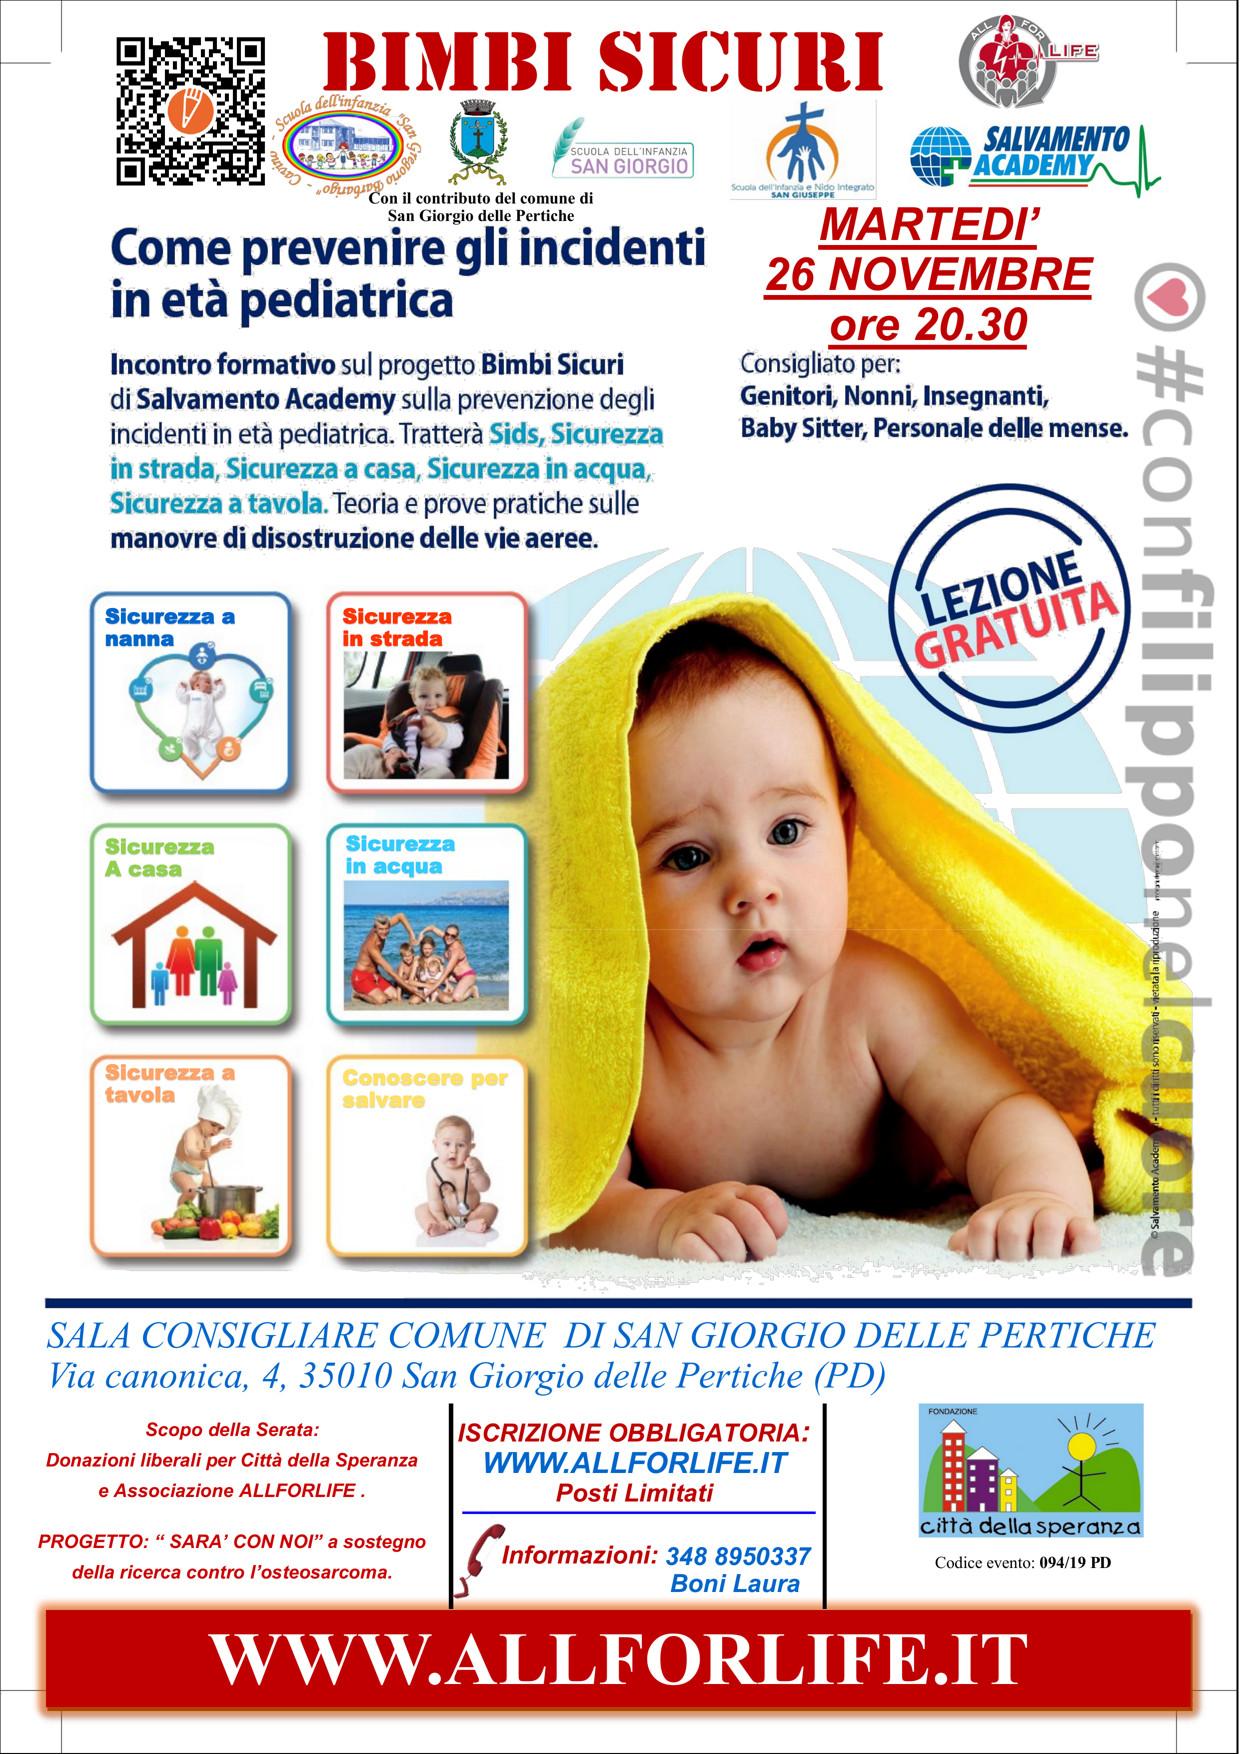 Bimbi sicuri - Come prevenire gli incidenti in età pediatrica @ SALA CONSIGLIARE COMUNE DI SAN GIORGIO DELLE PERTICHE | San Giorgio delle Pertiche | Veneto | Italia